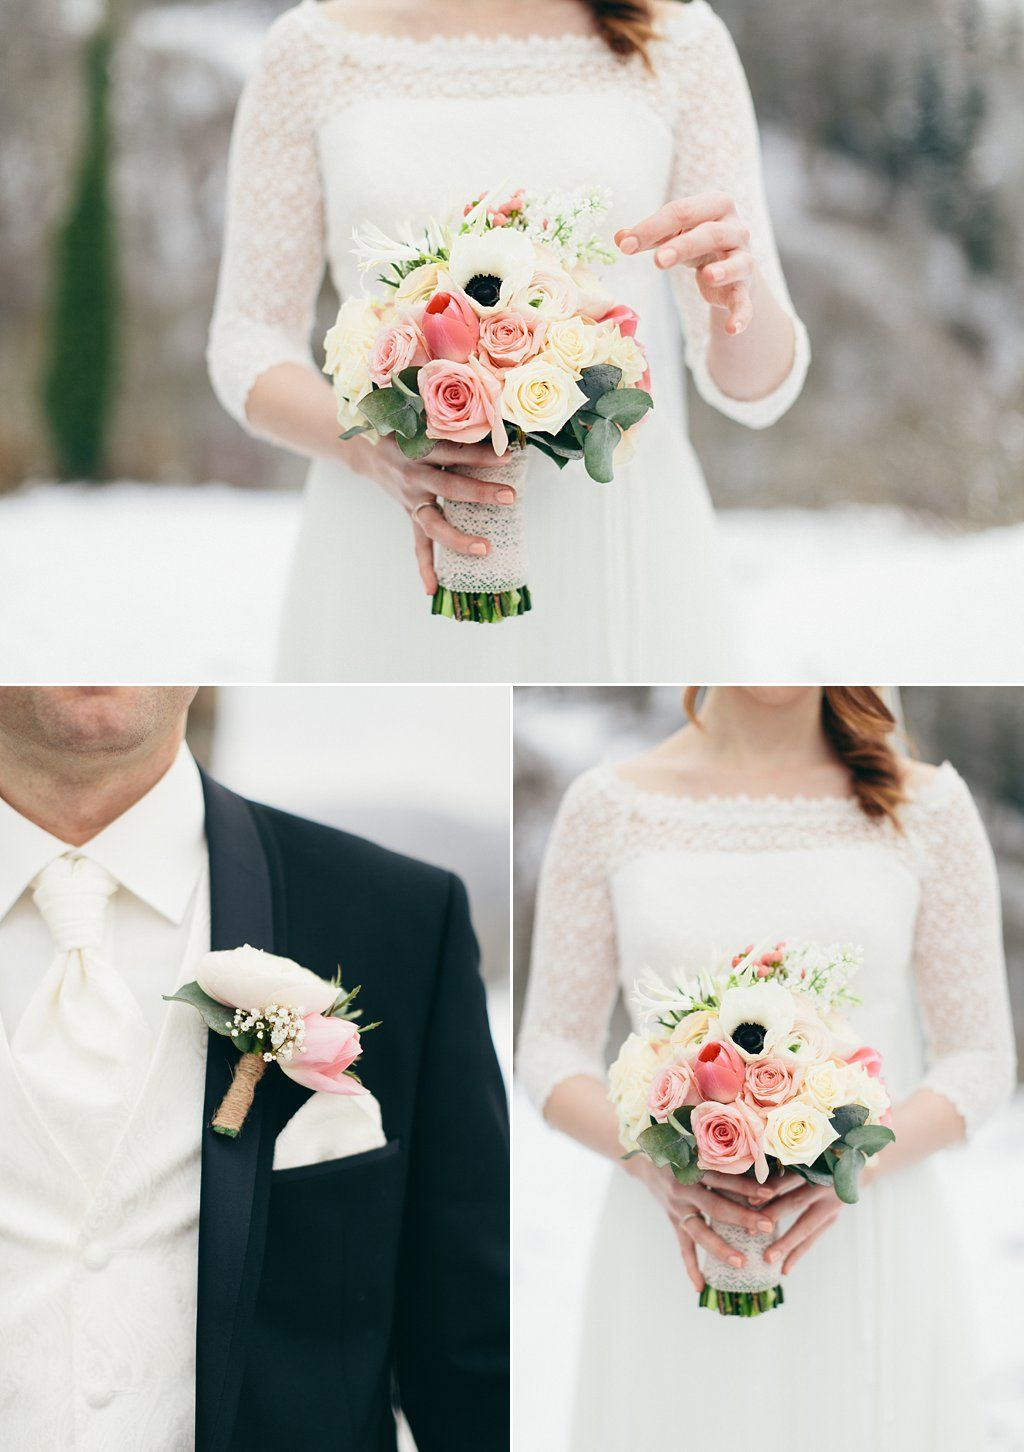 Blumendekoration Fur Eine Winterhochzeit Im Schnee Winterhochzeit Hochzeit Schnee Hochzeit